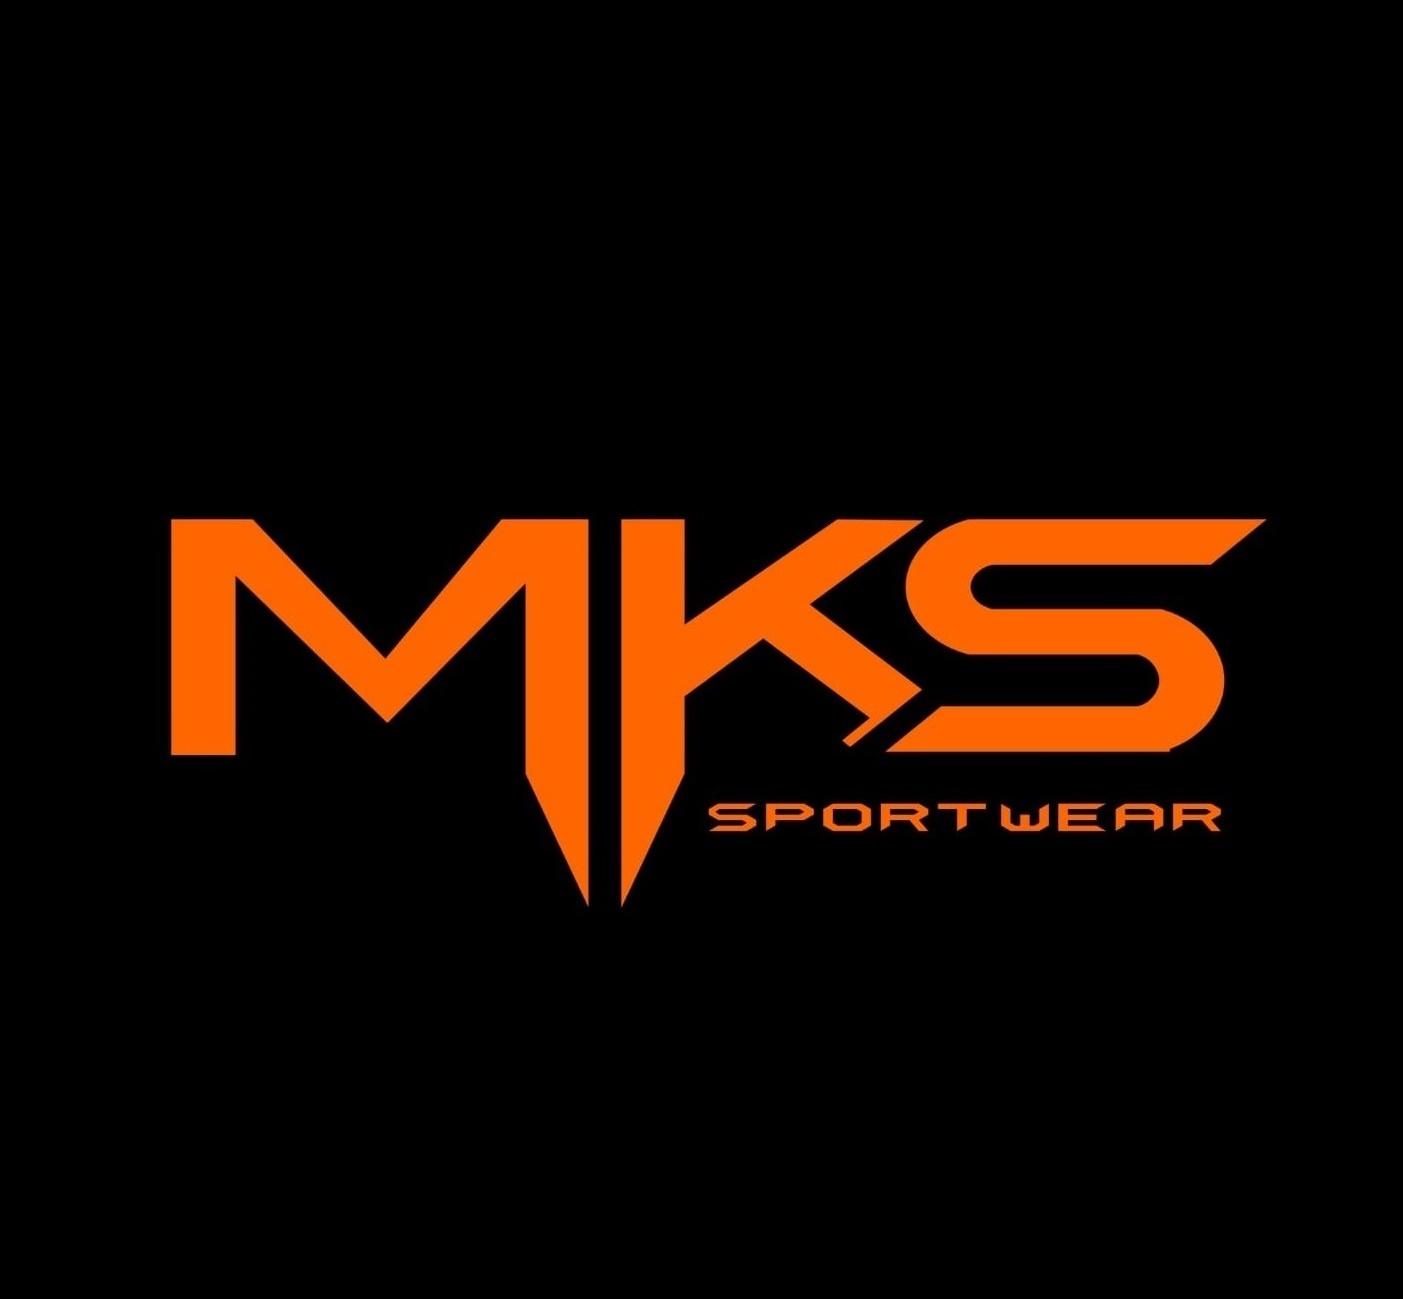 MKS Sportwear